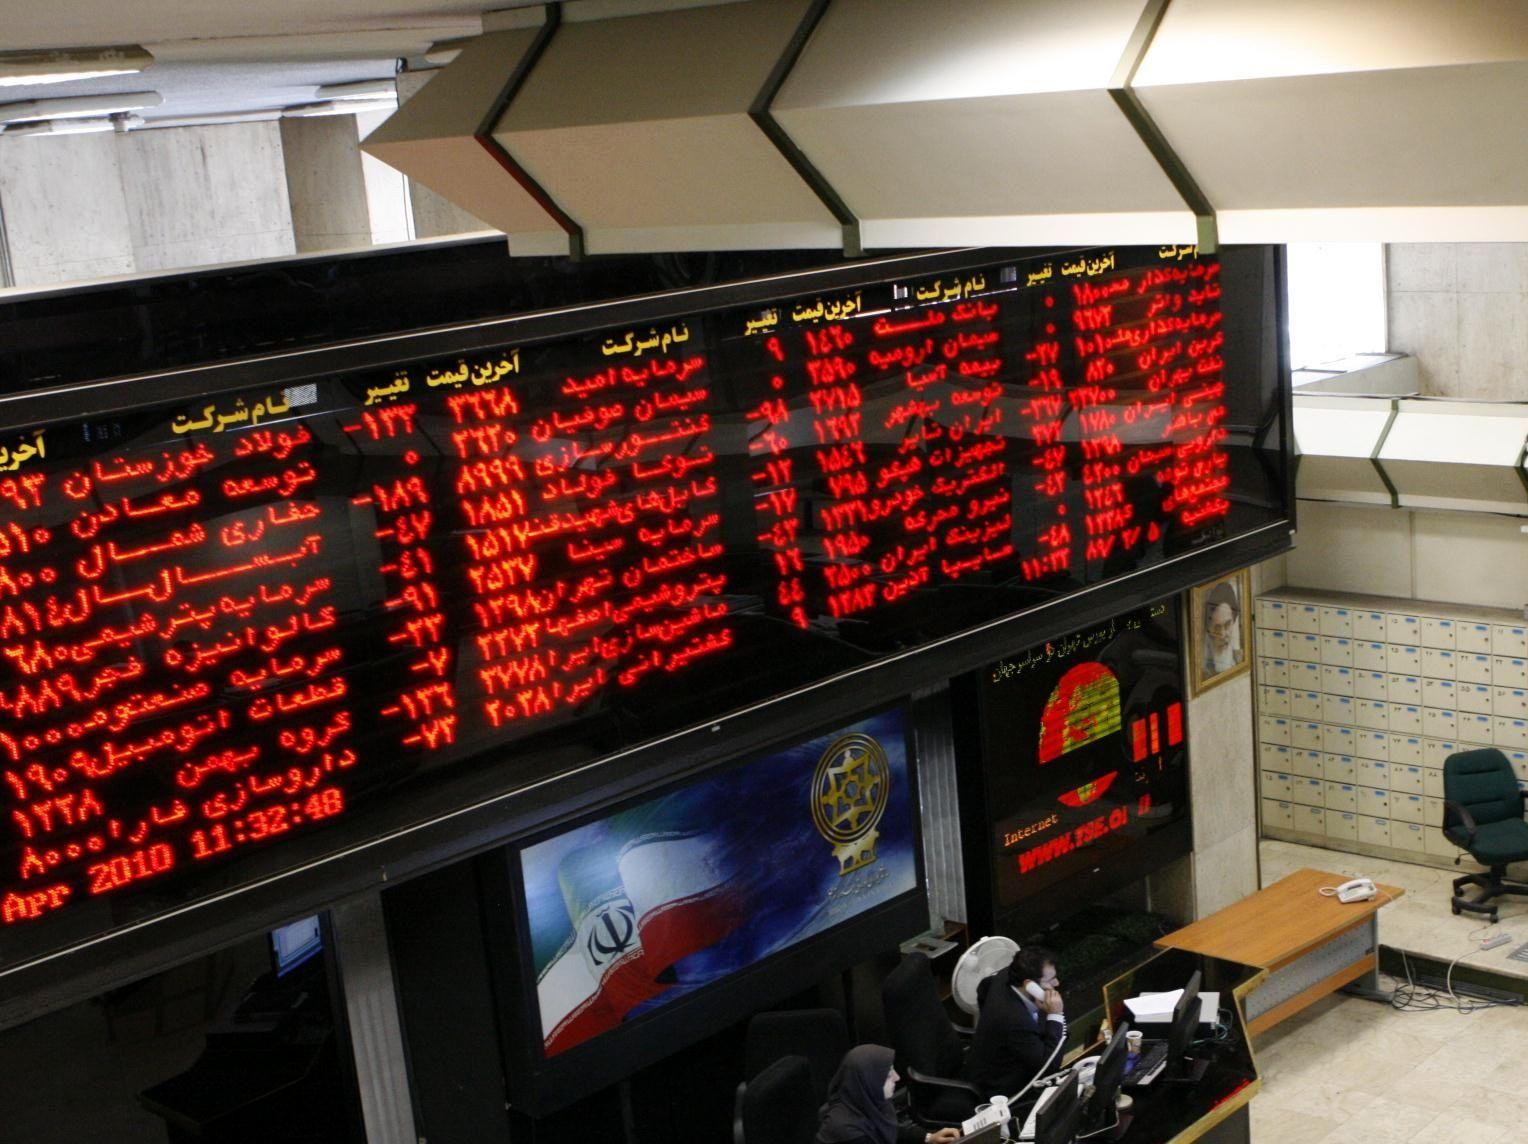 روزهای سبز بورس در سال 99/ خوش بینترین تحلیلگران بازار شاخص بورس ...